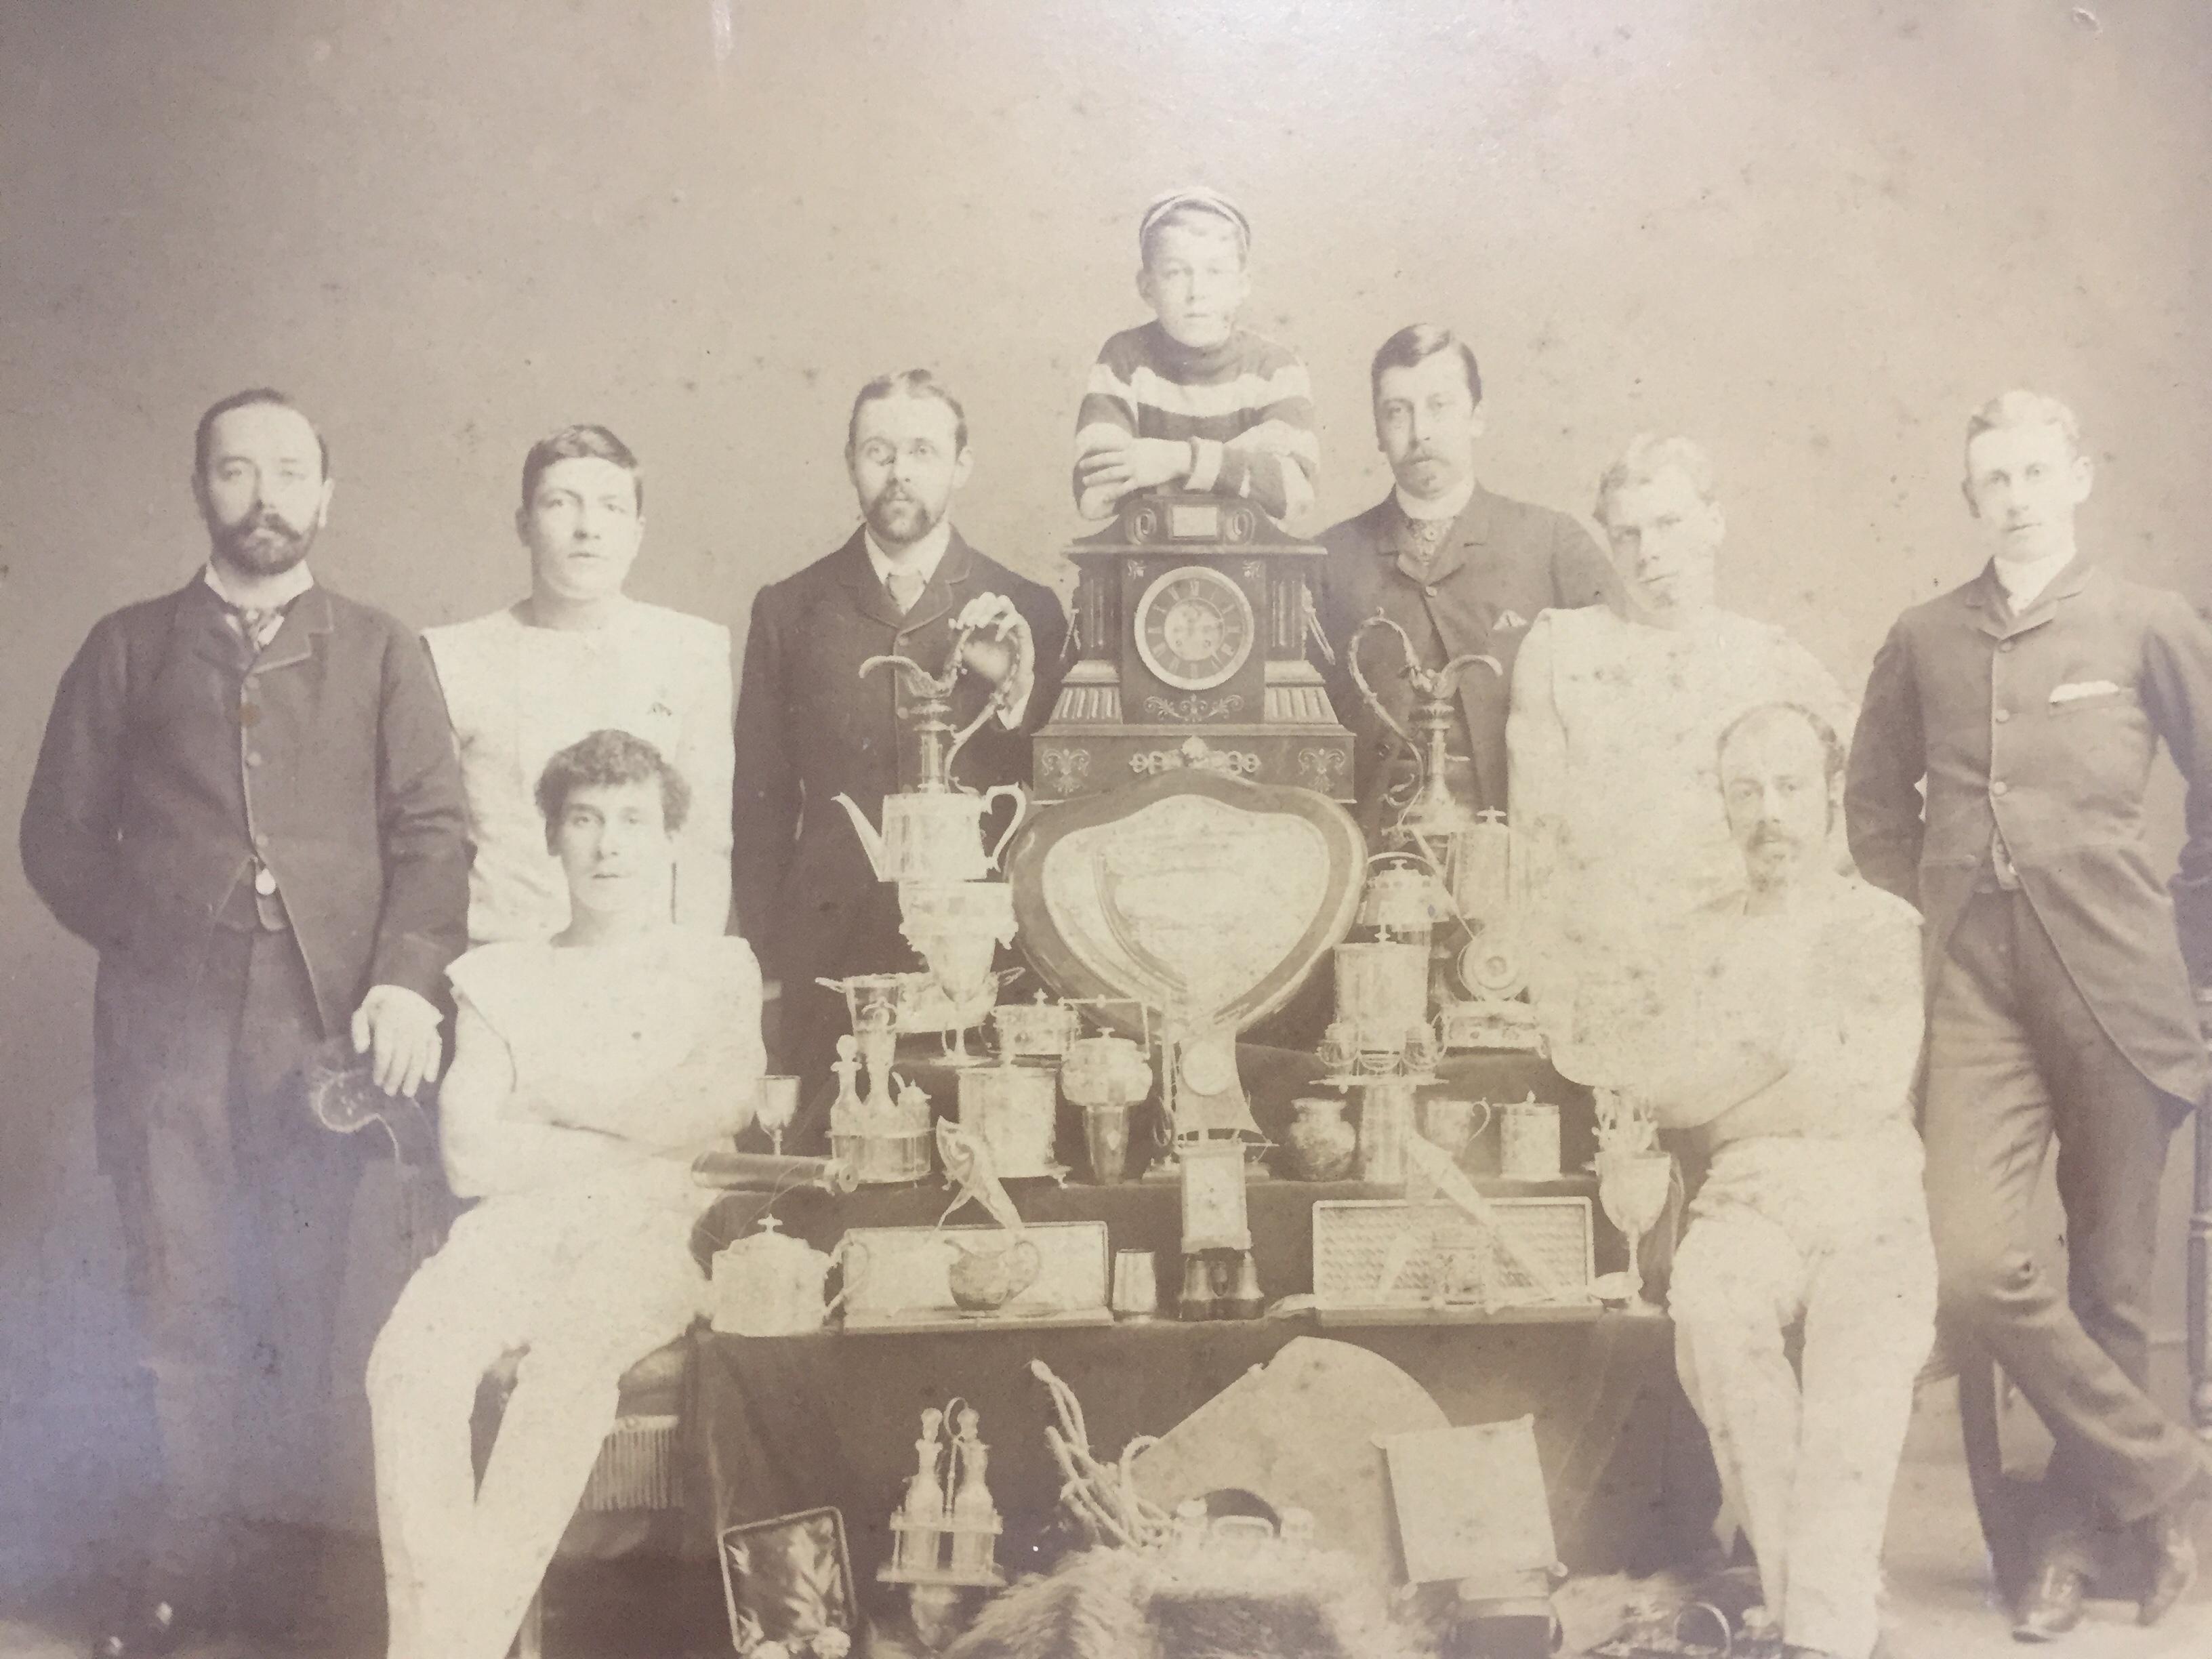 hastings rowing club 1880